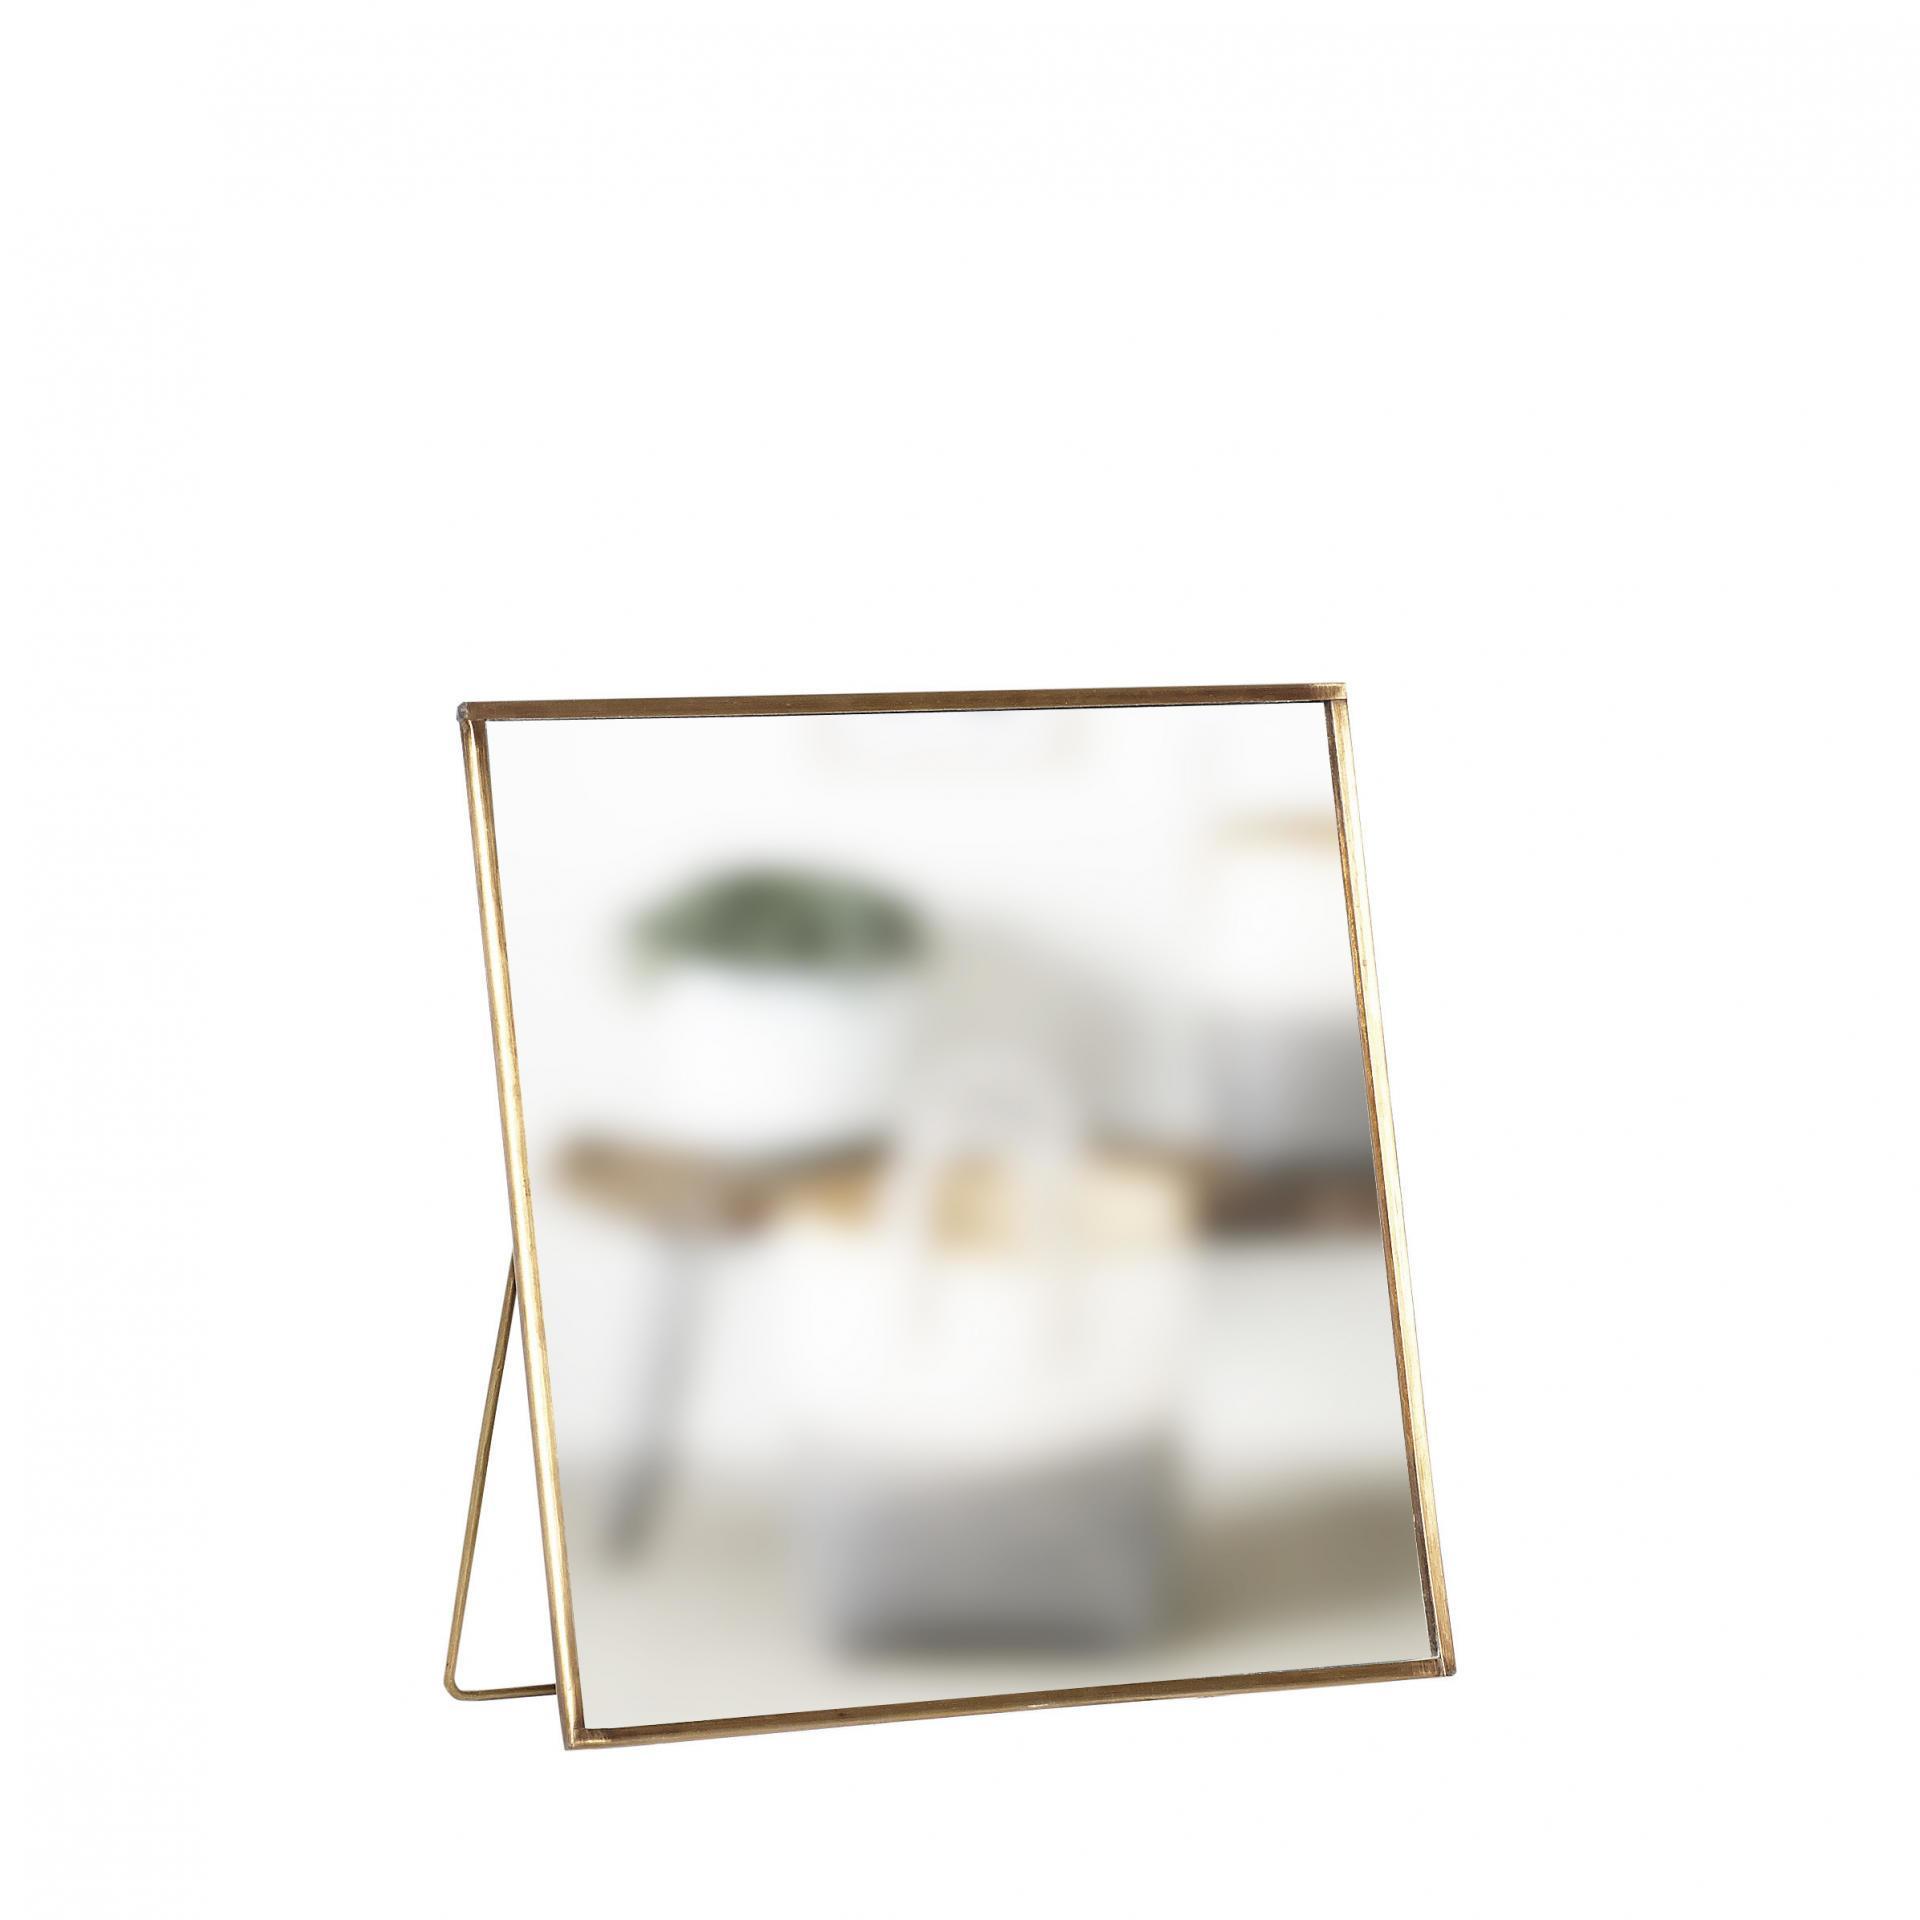 Hübsch Stolní zrcadlo Brass/glass, zlatá barva, čirá barva, sklo, kov